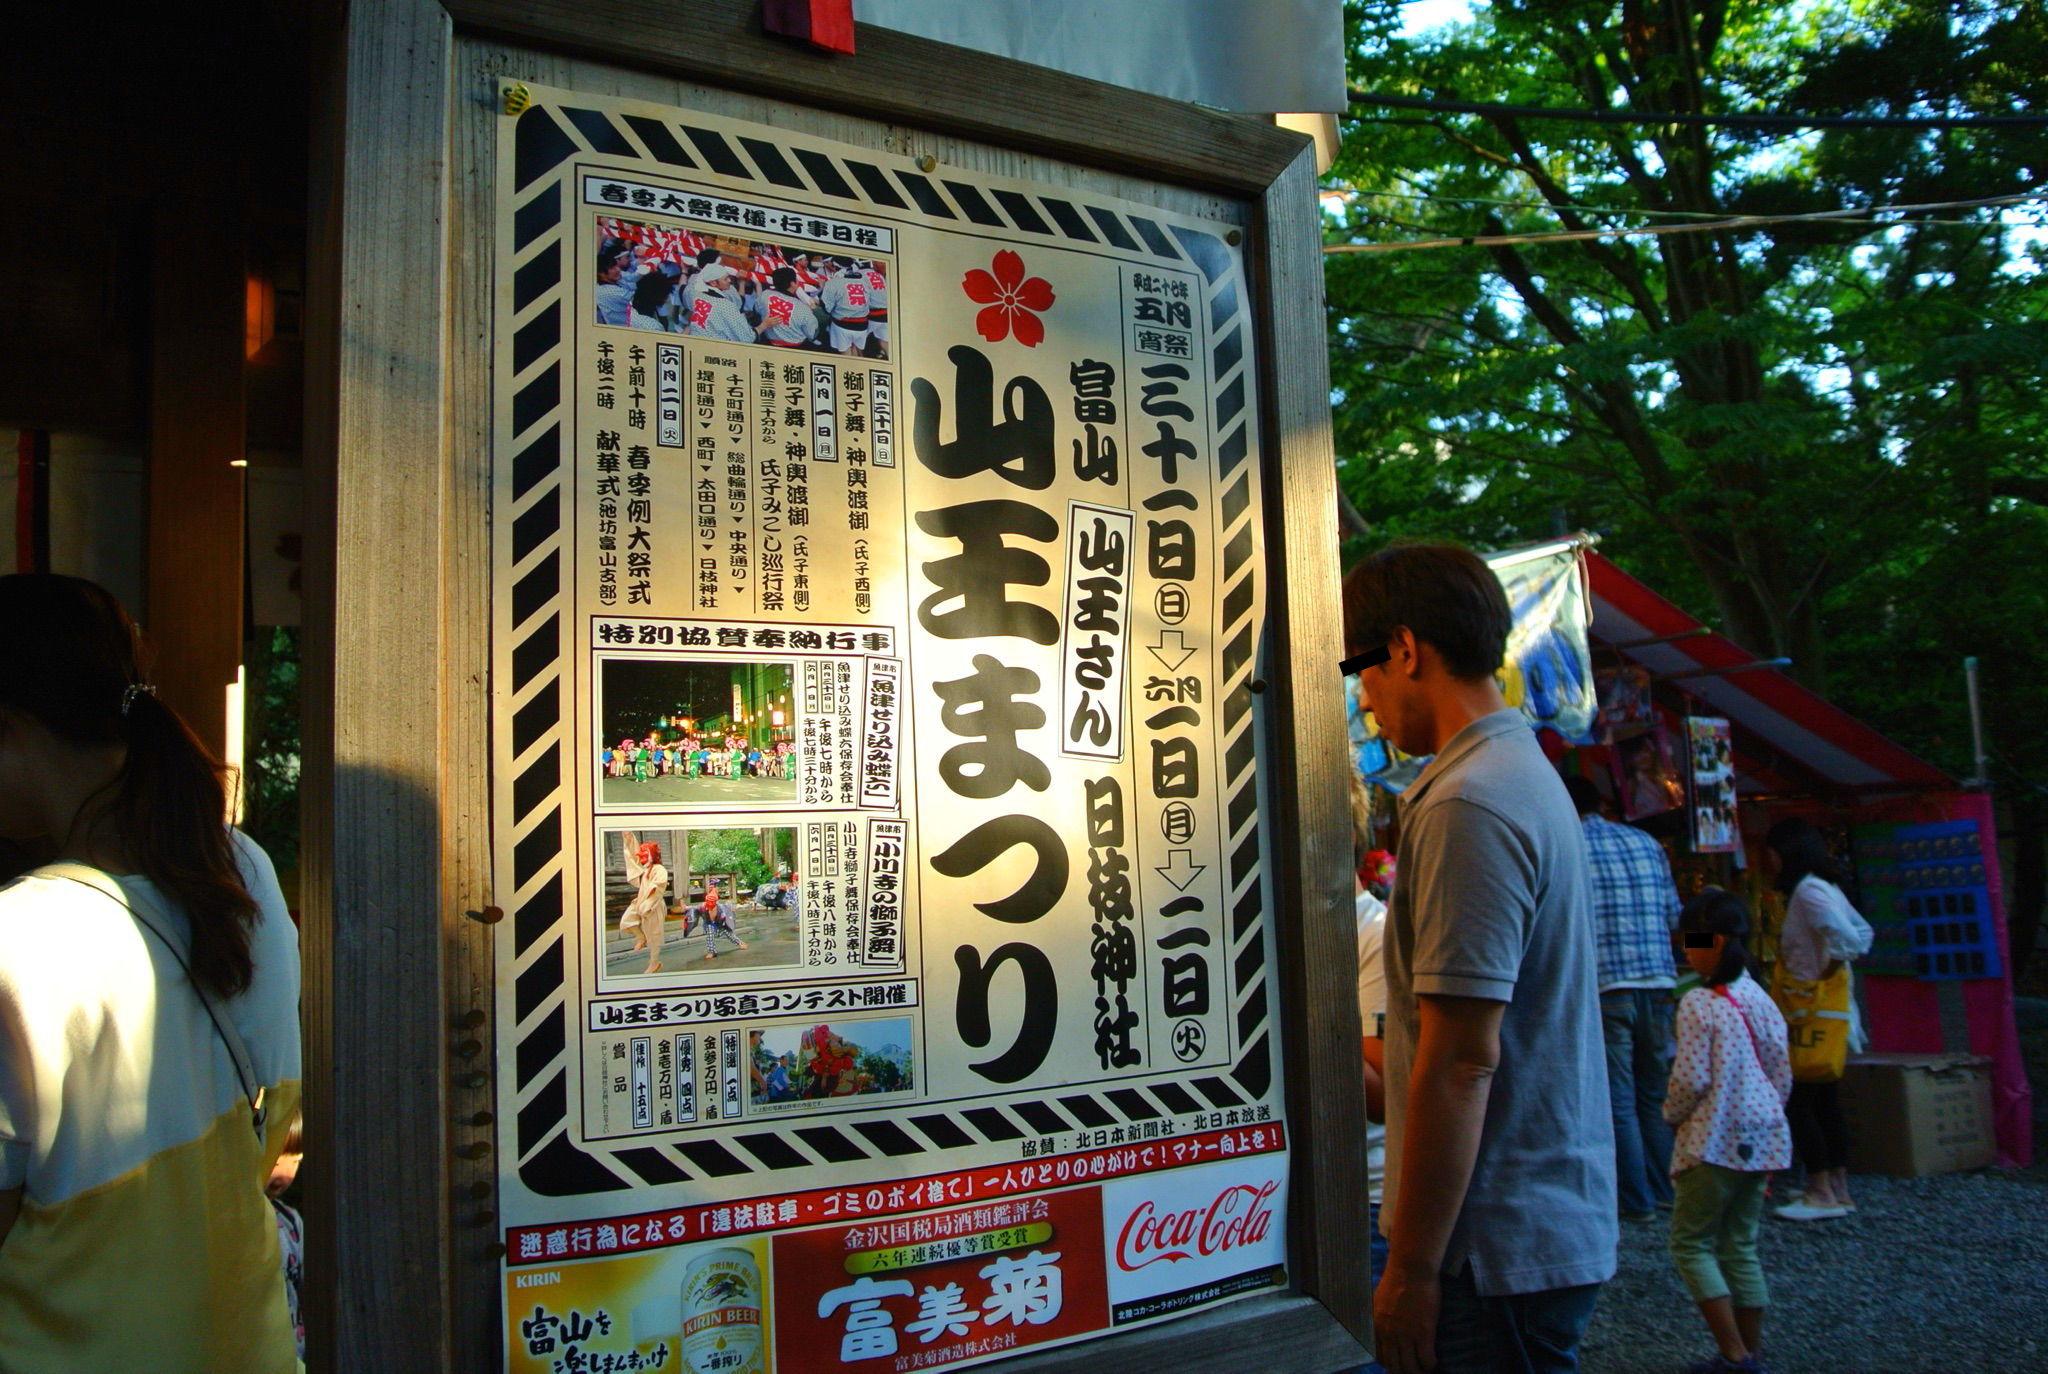 【富山の山王祭2019】日程やスケジュール 行ってみた感想まとめ